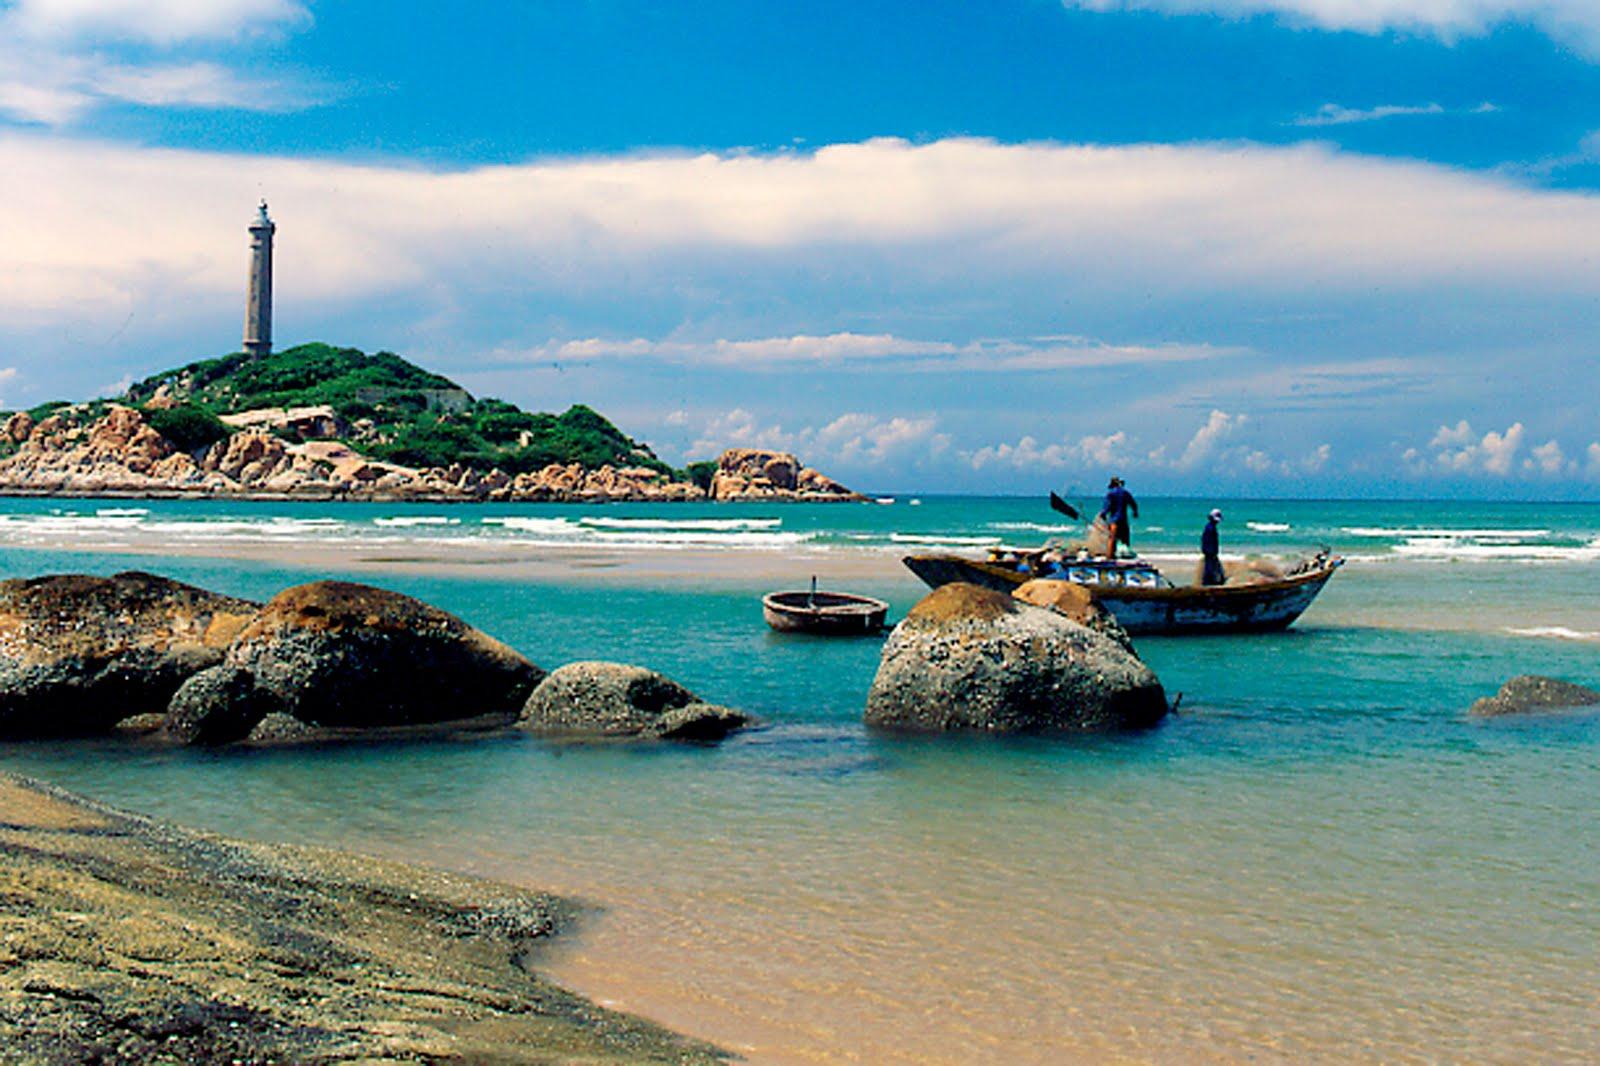 Du lịch Phan Thiết - Hải đăng Kê Gà